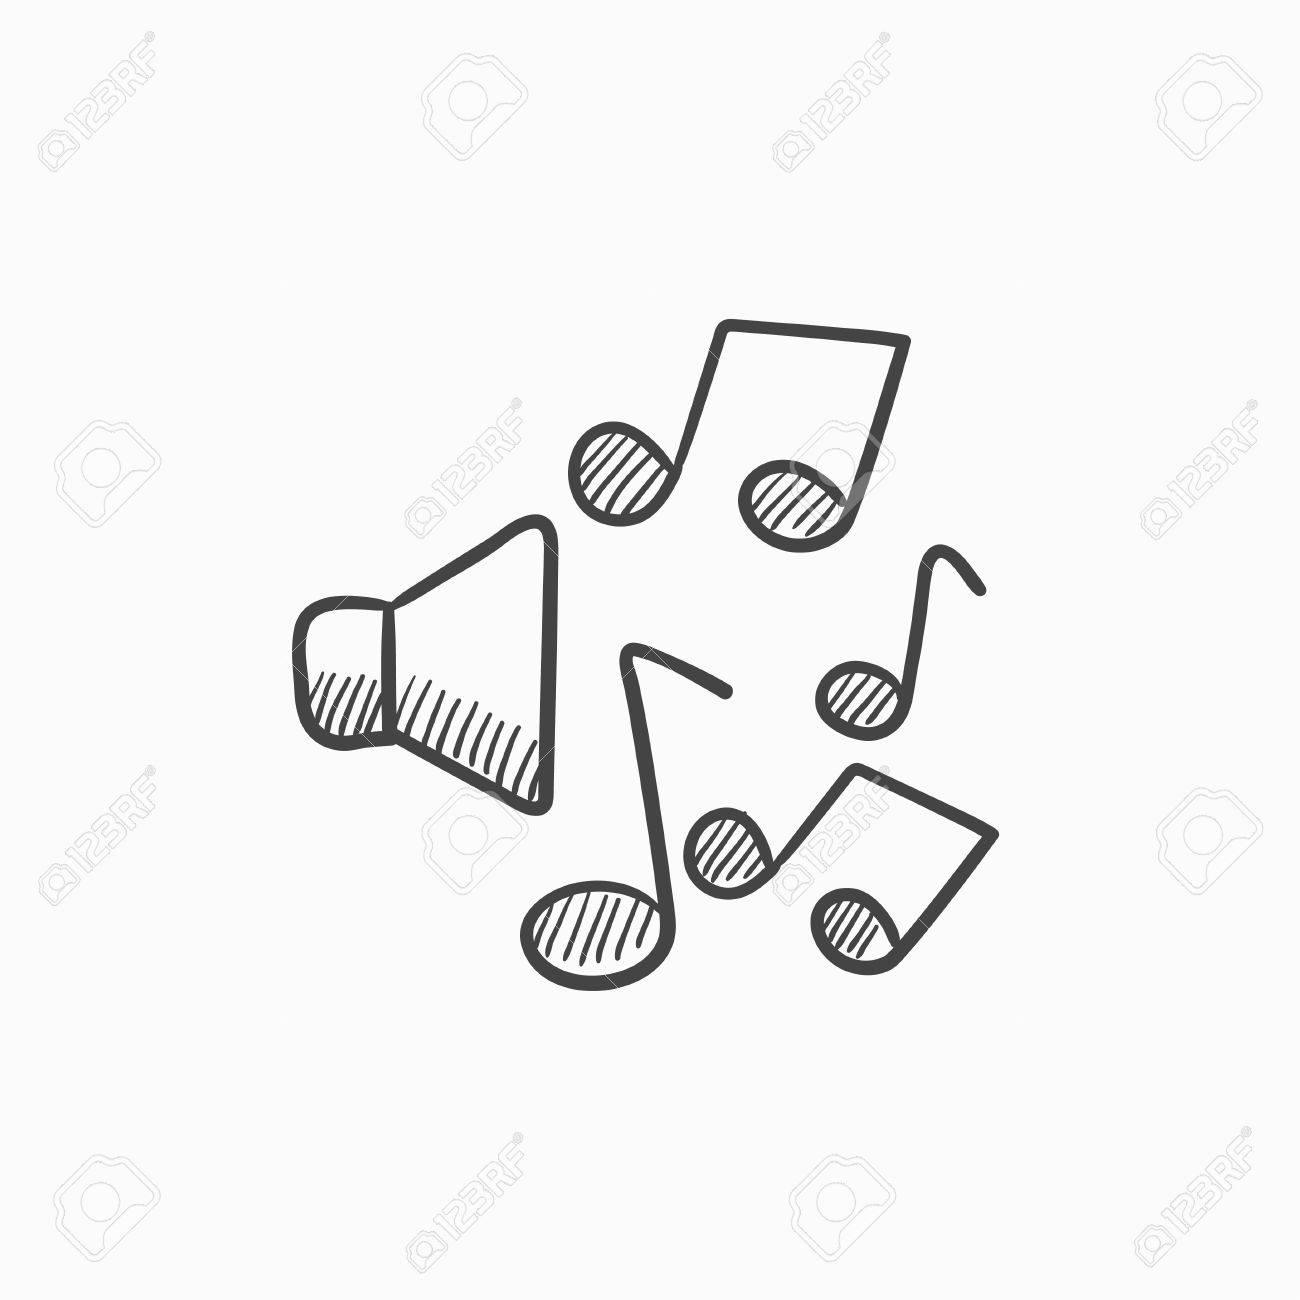 Altavoces Con El Icono De Notas De Música Dibujo De Vectores